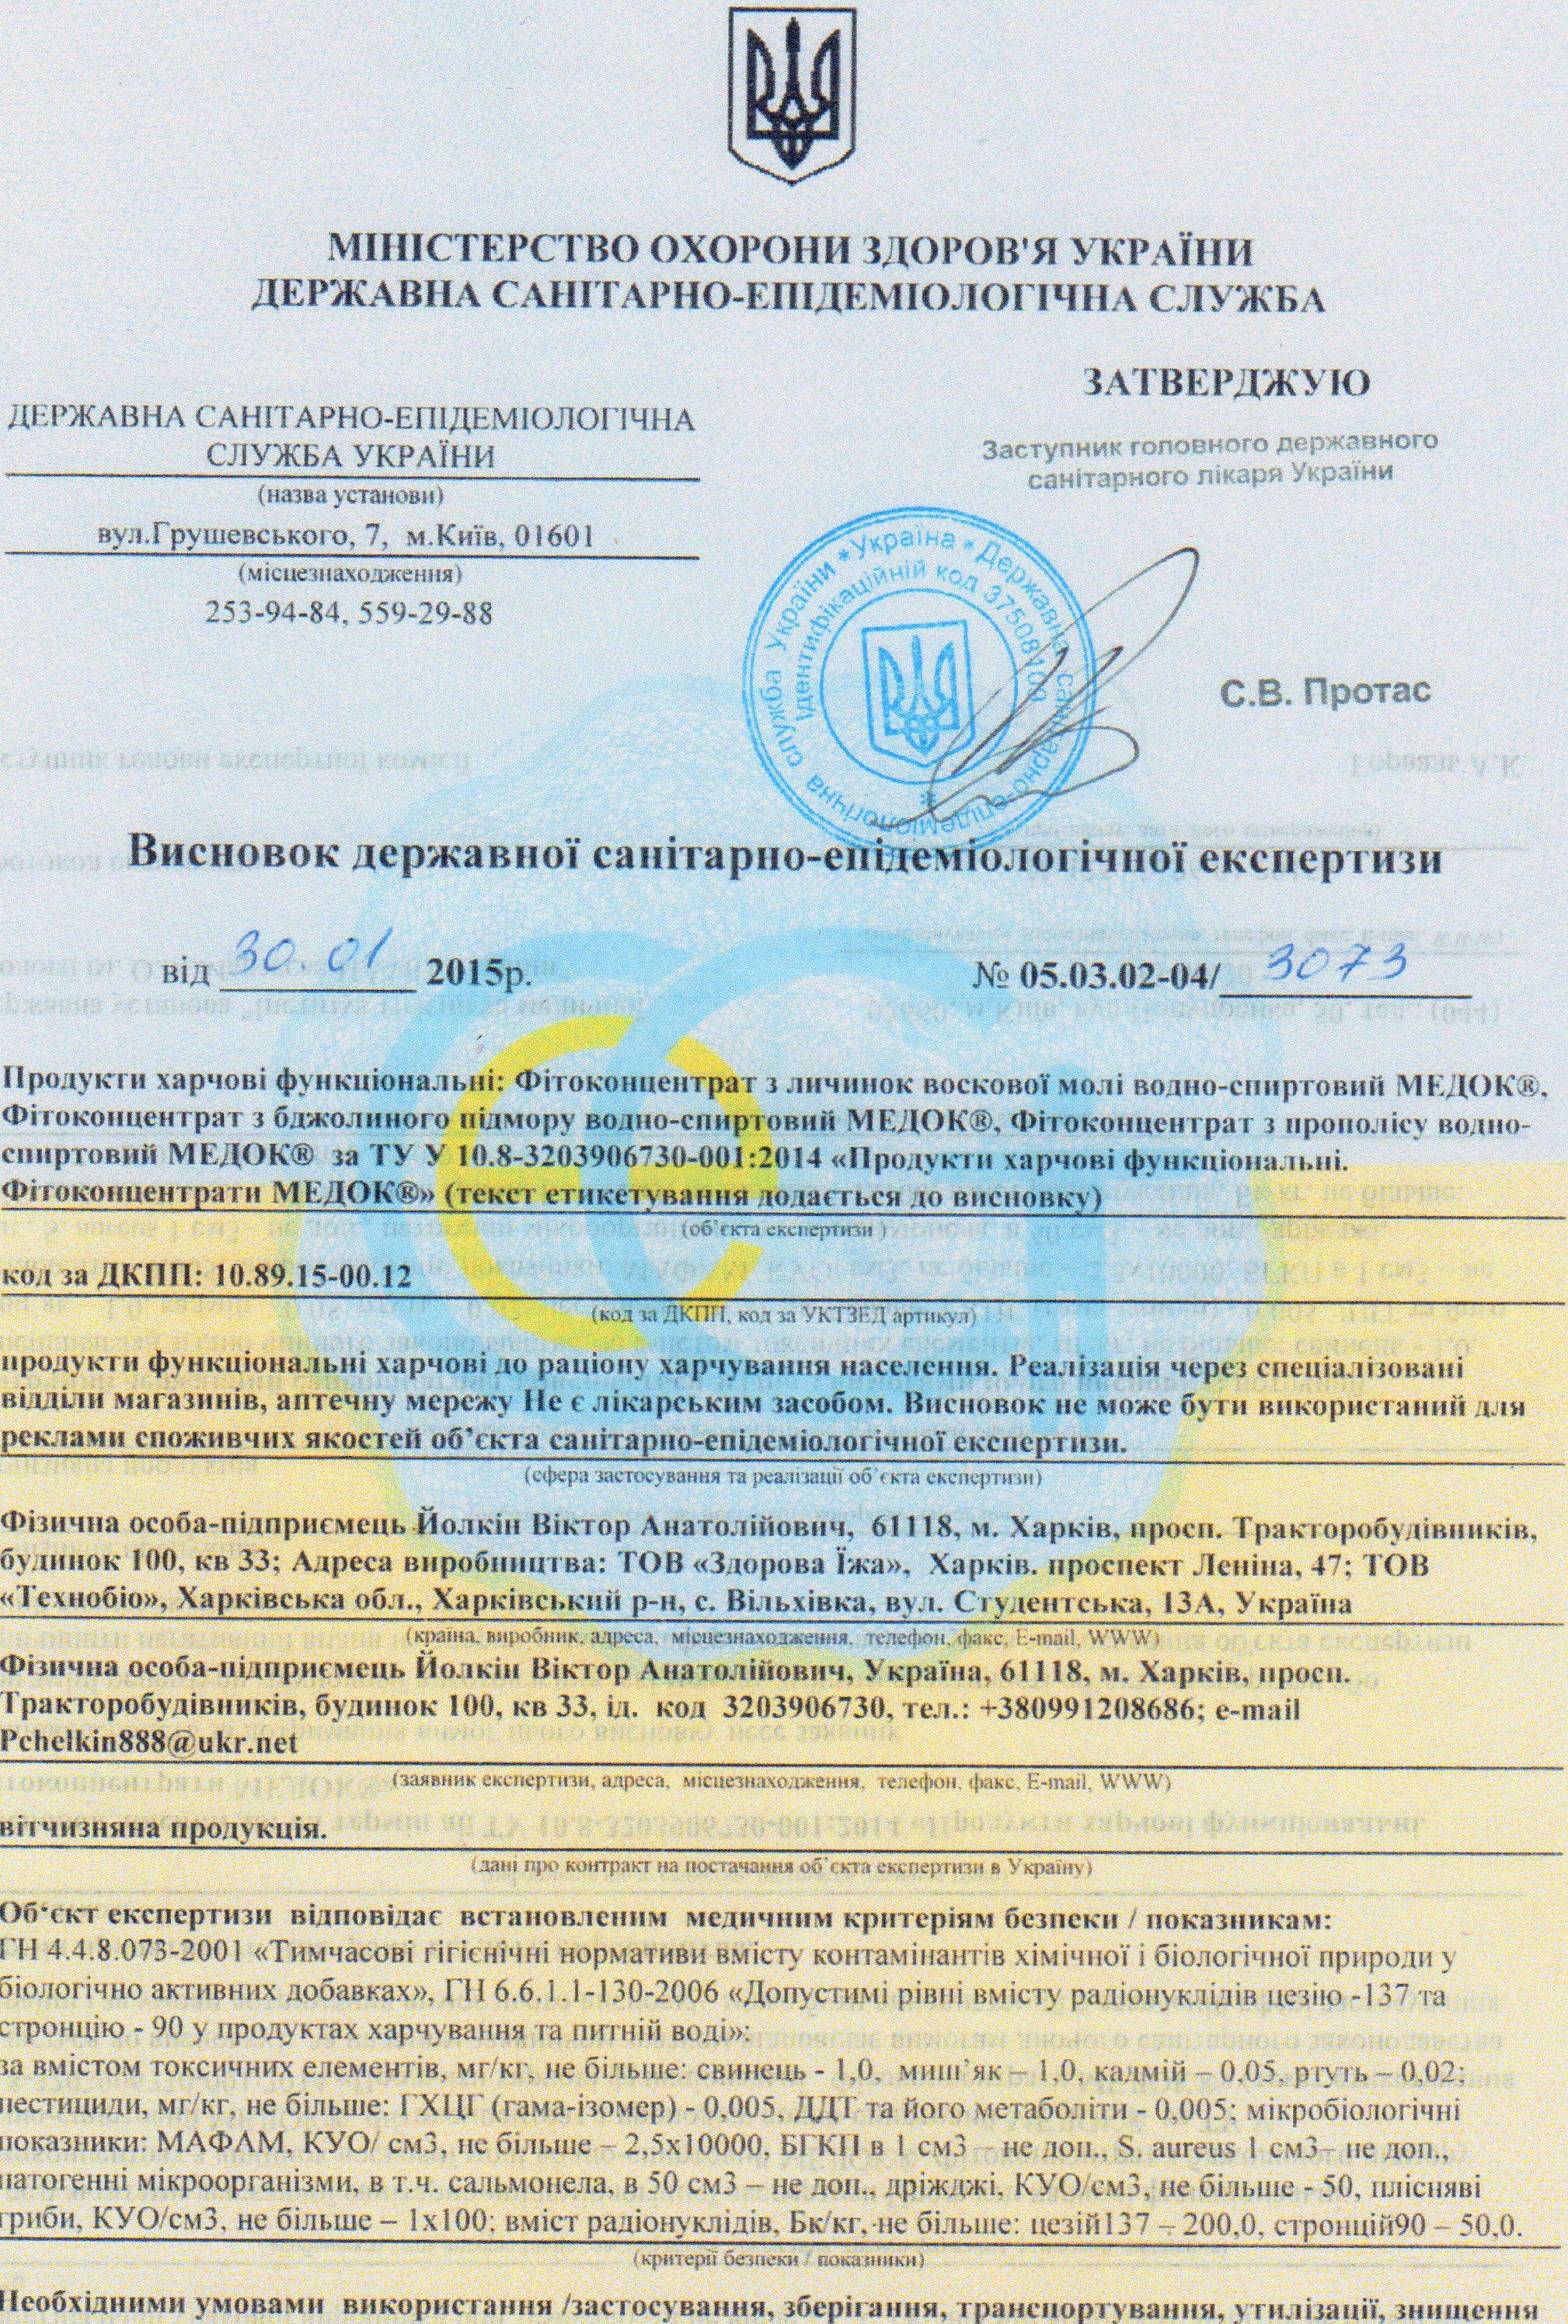 сертификат качества настойки восковой моли